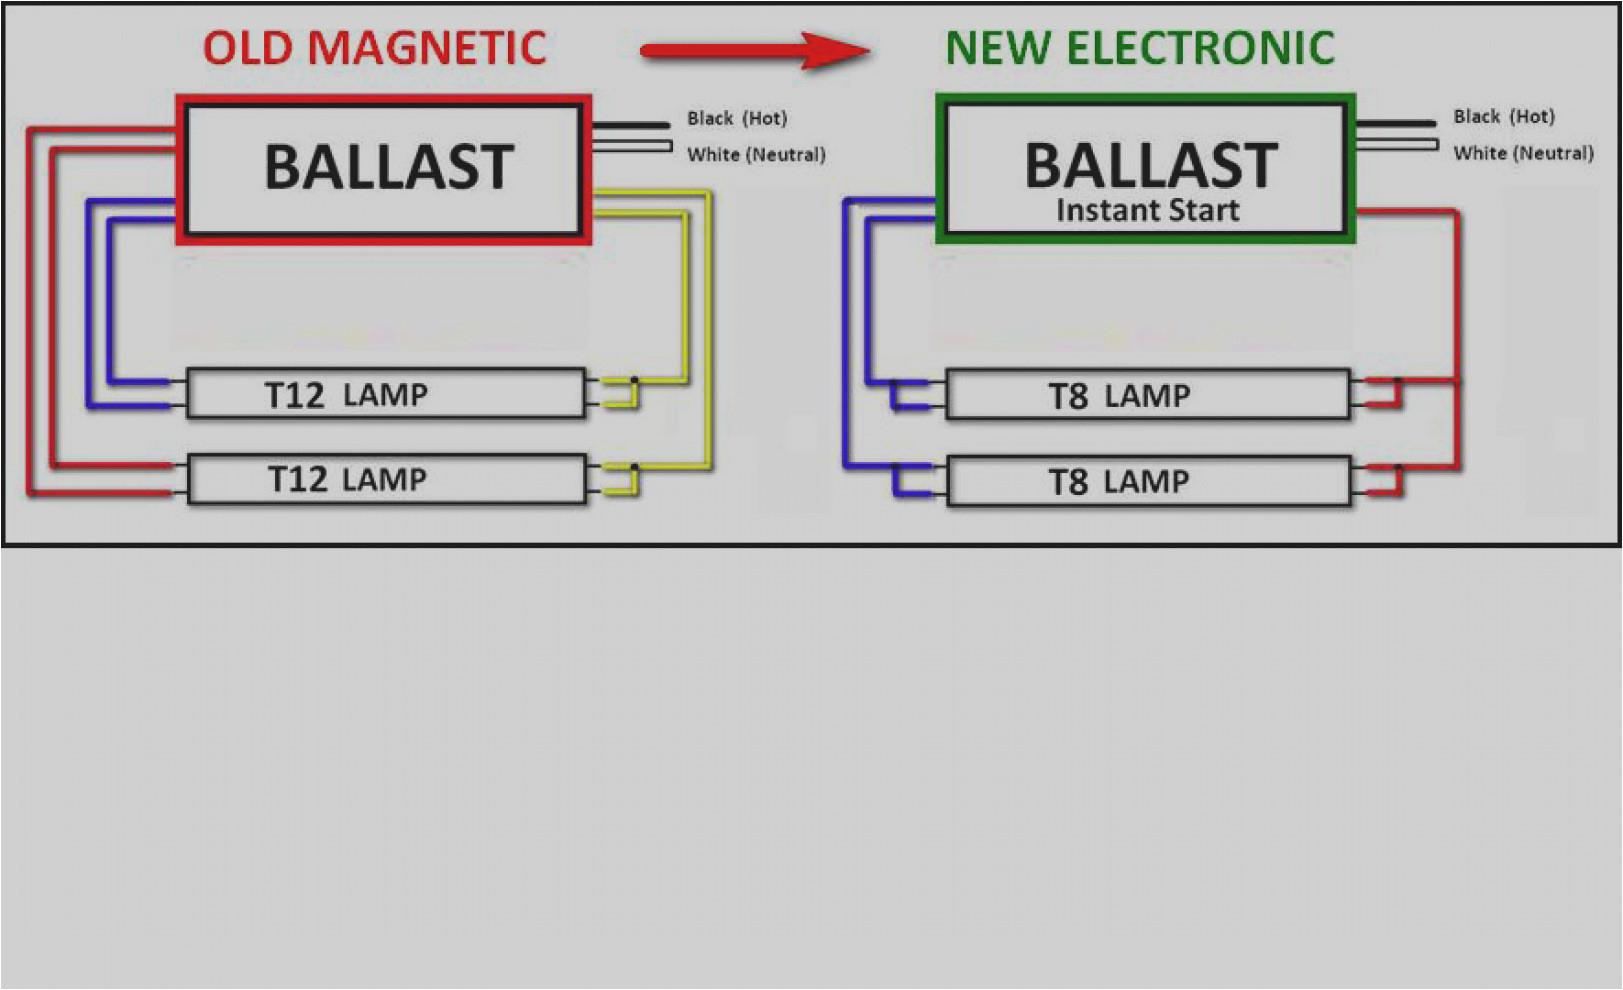 ballast wiring diagram for 2 u bulbs wiring diagram pos wiring diagram for t8 2 lamp